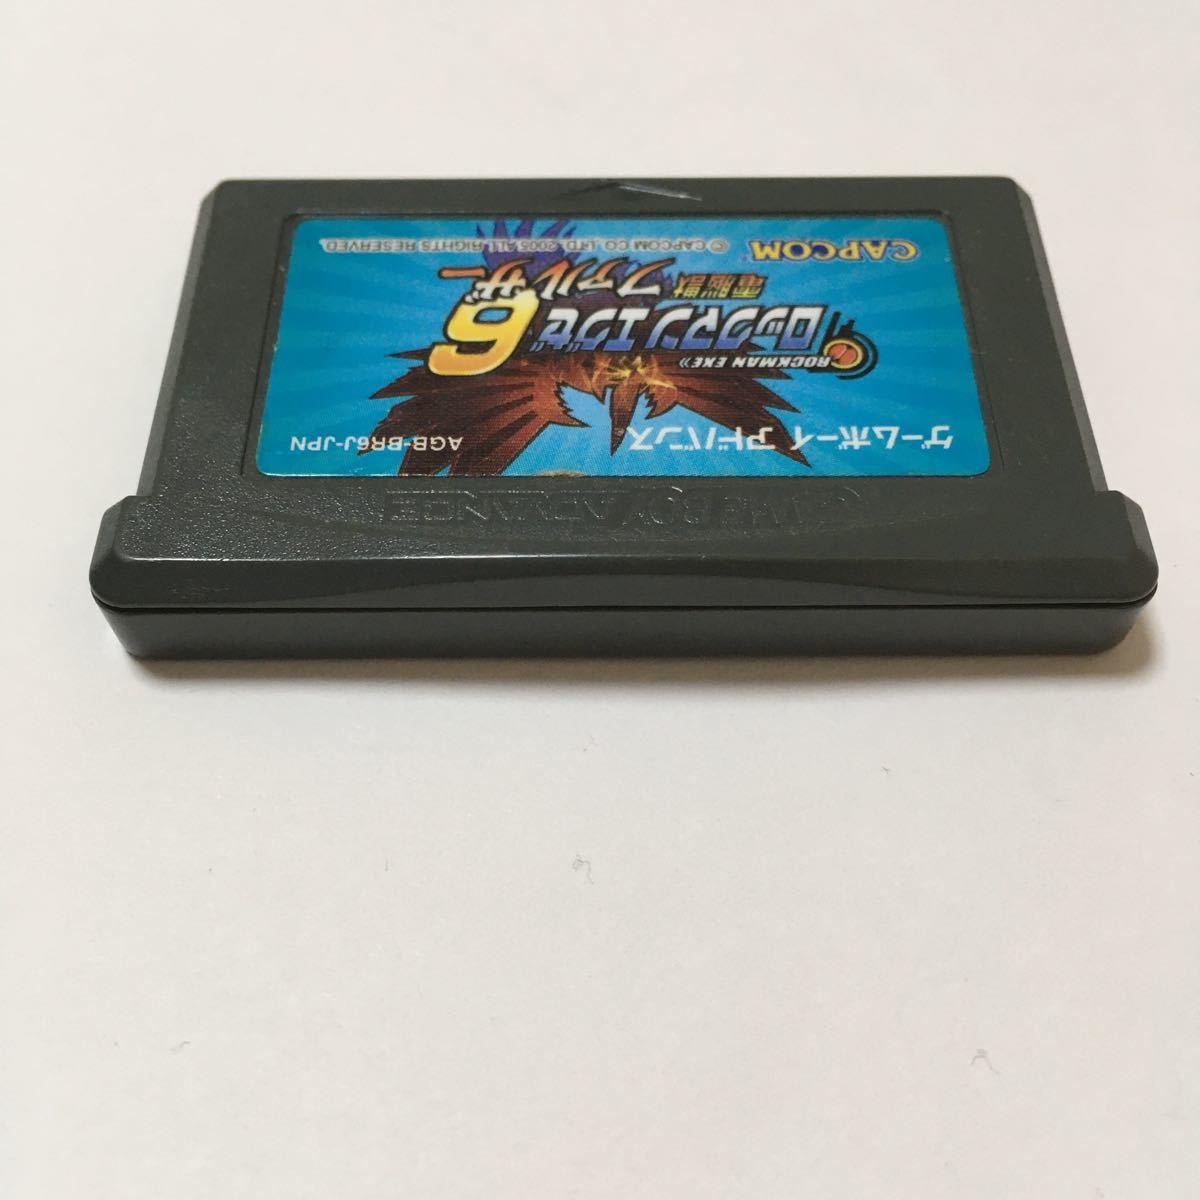 ゲームボーイアドバンス ソフト ロックマンエグゼ6 電脳獣 ファルザー 動作確認済み カセット GBA  カセット ゲーム レトロ